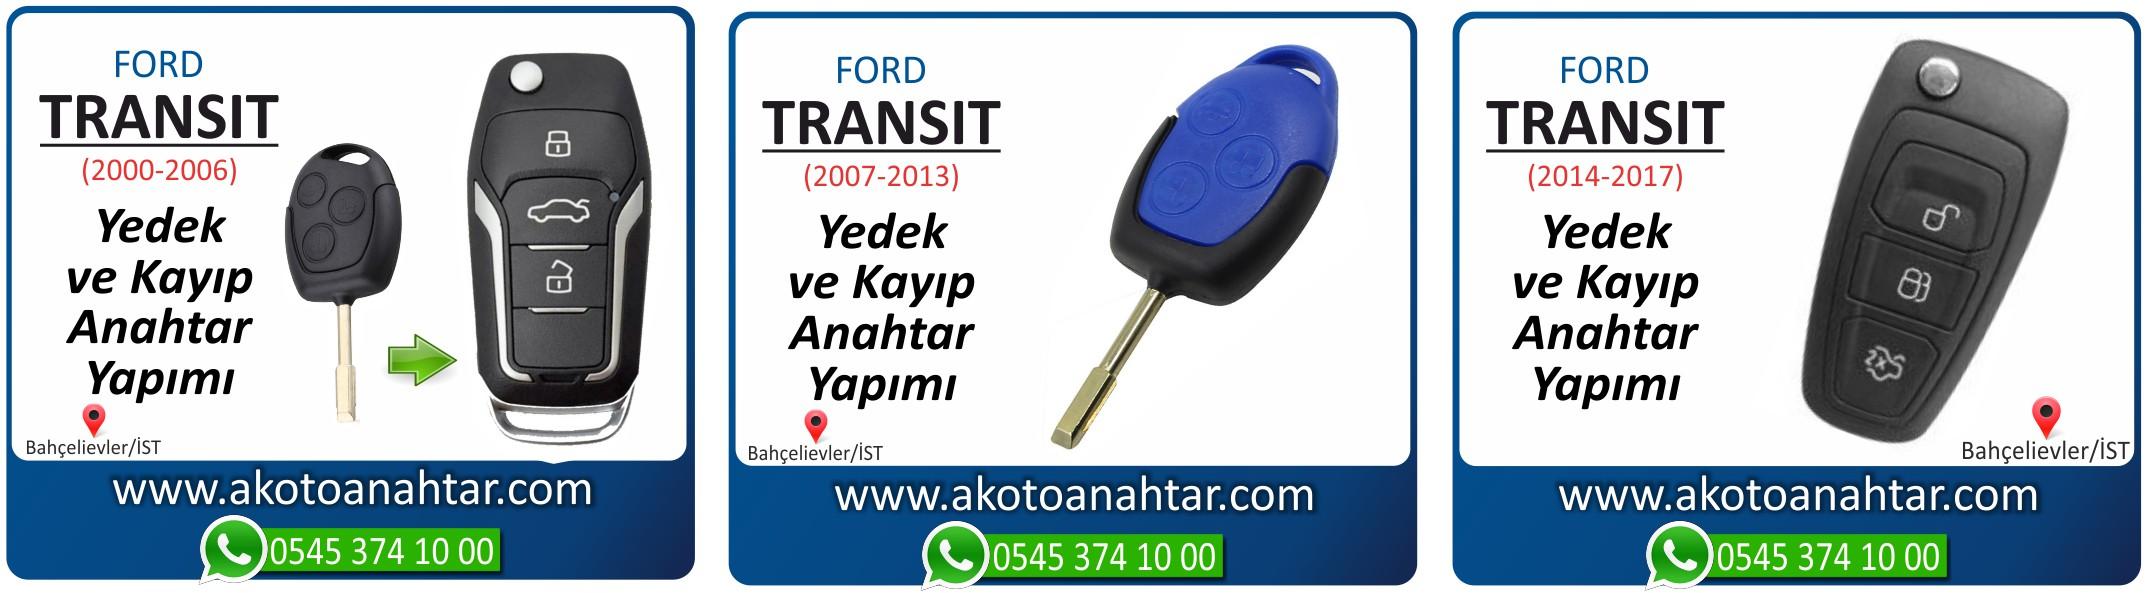 transit anahtari - Ford Transit Anahtarı | Yedek ve Kayıp Anahtar Yapımı